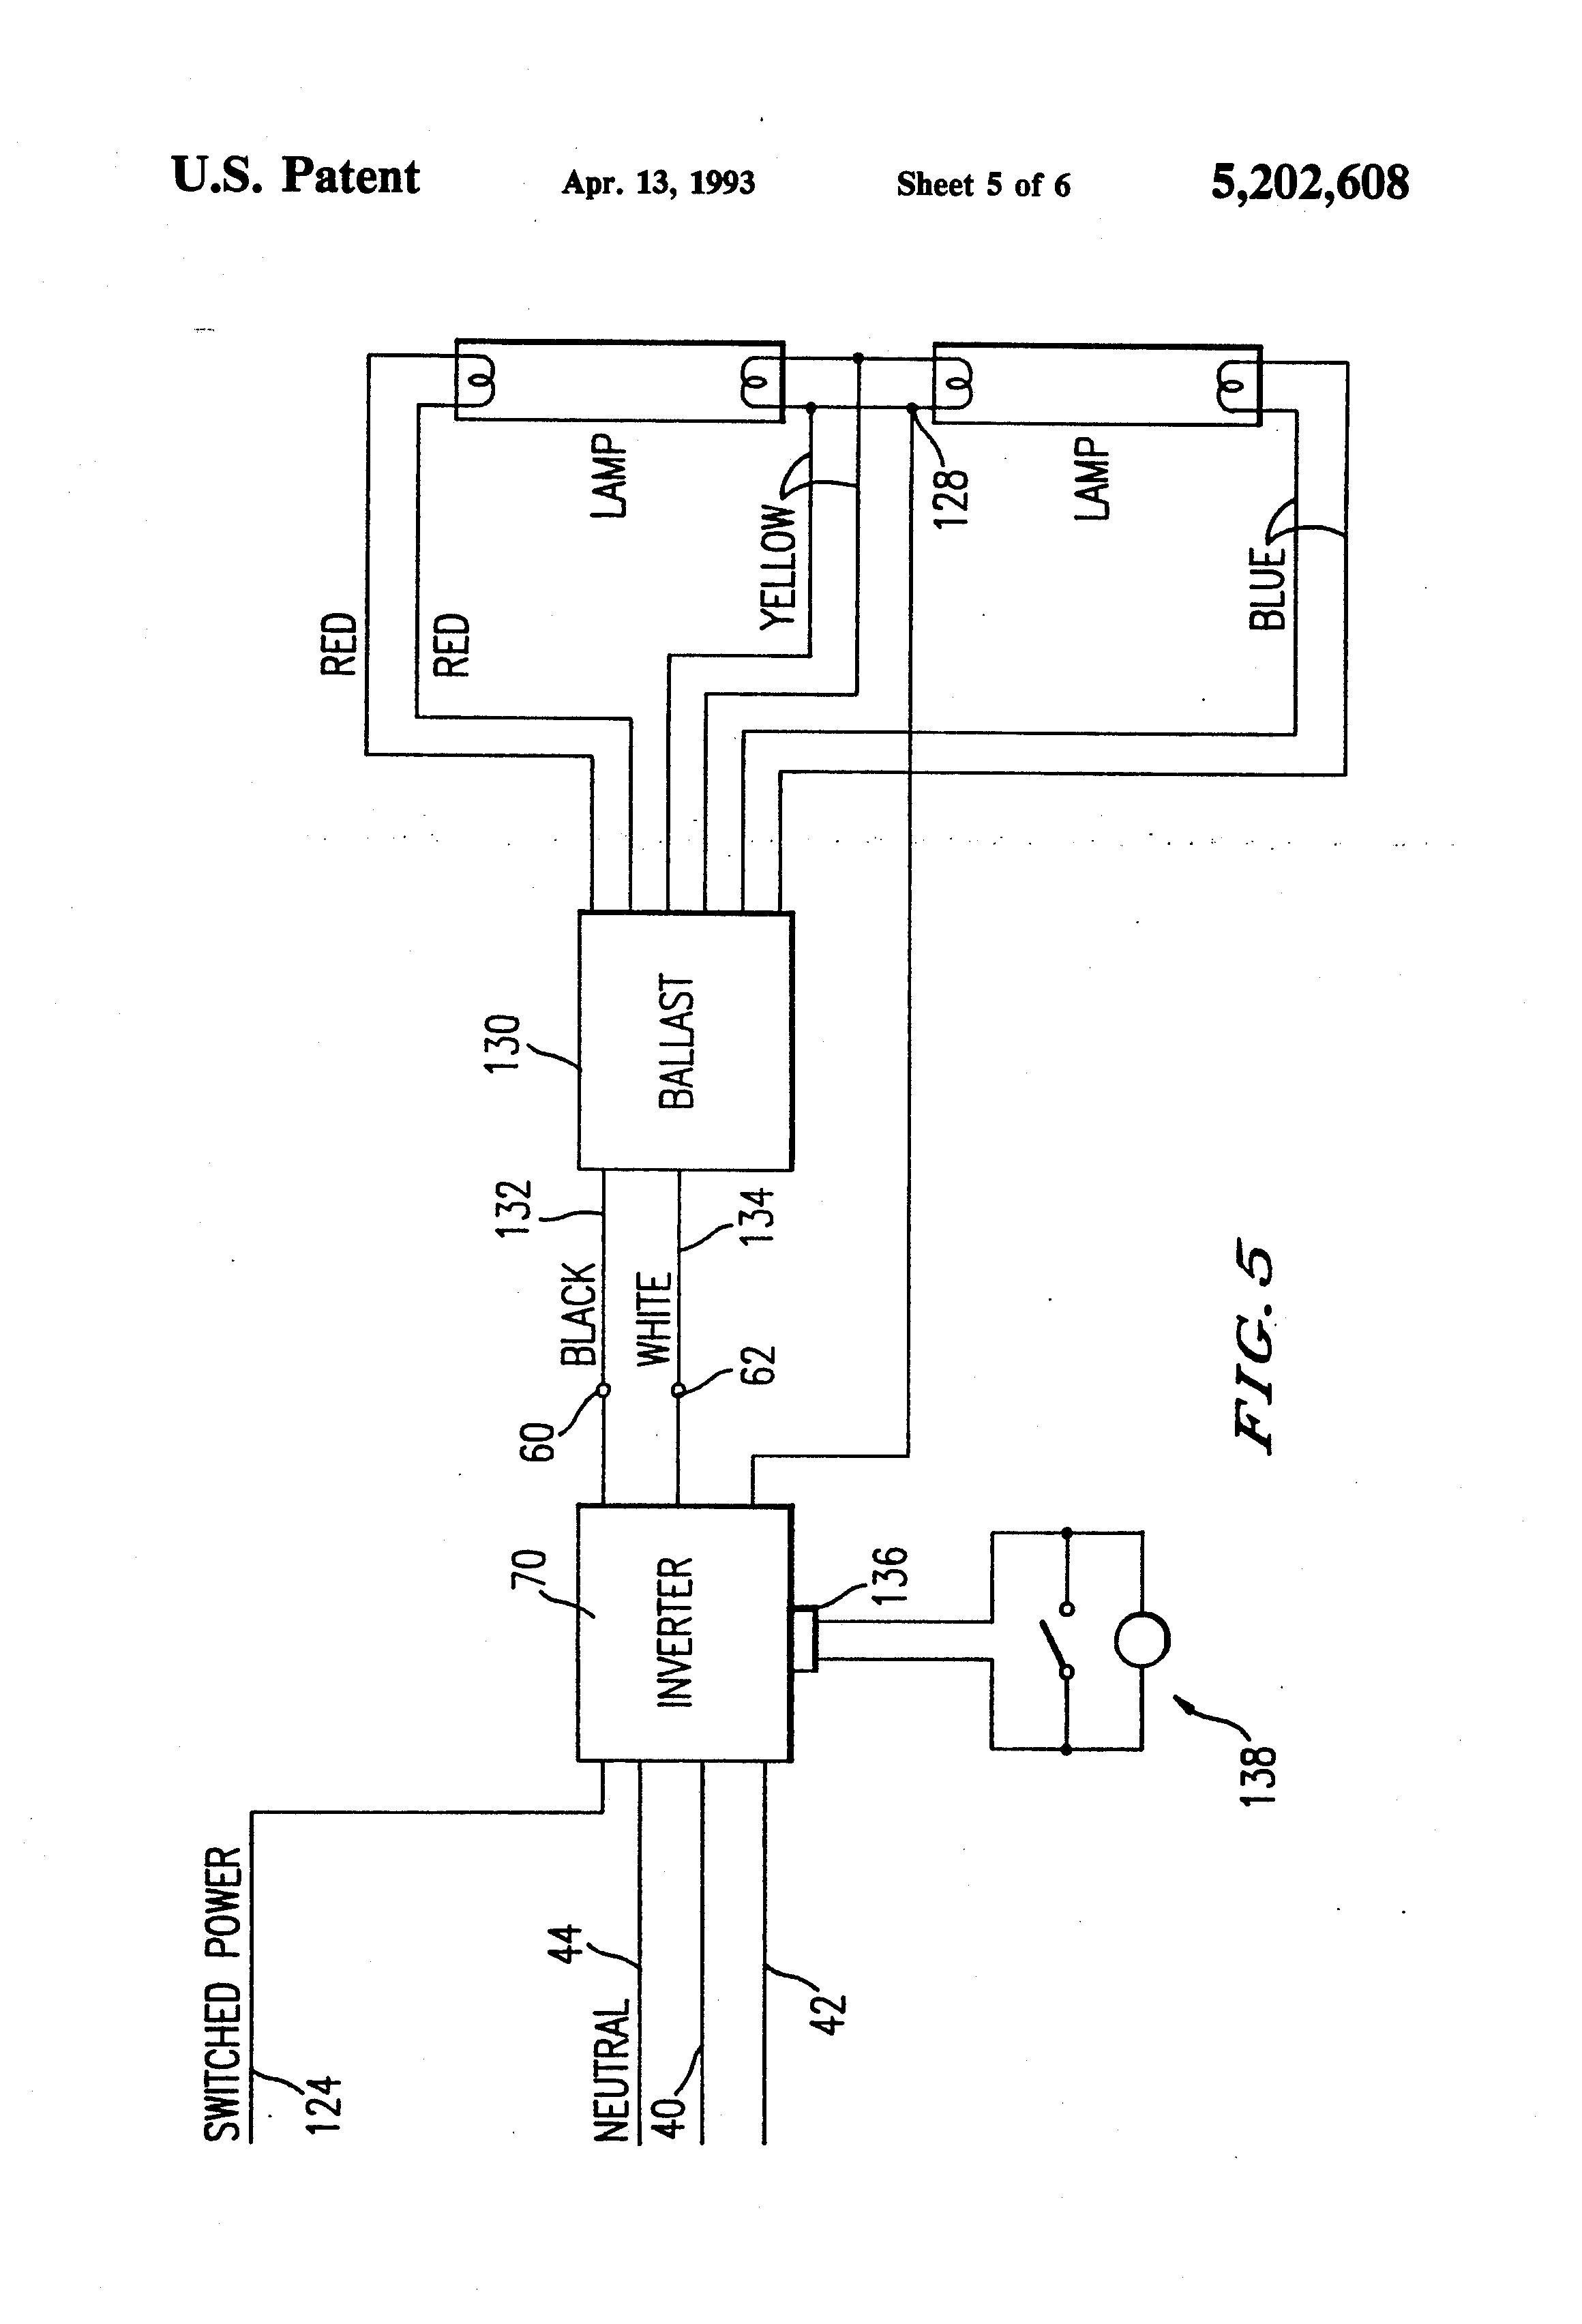 2 Lamp T8 Ballast Wiring Diagram Manual Guide